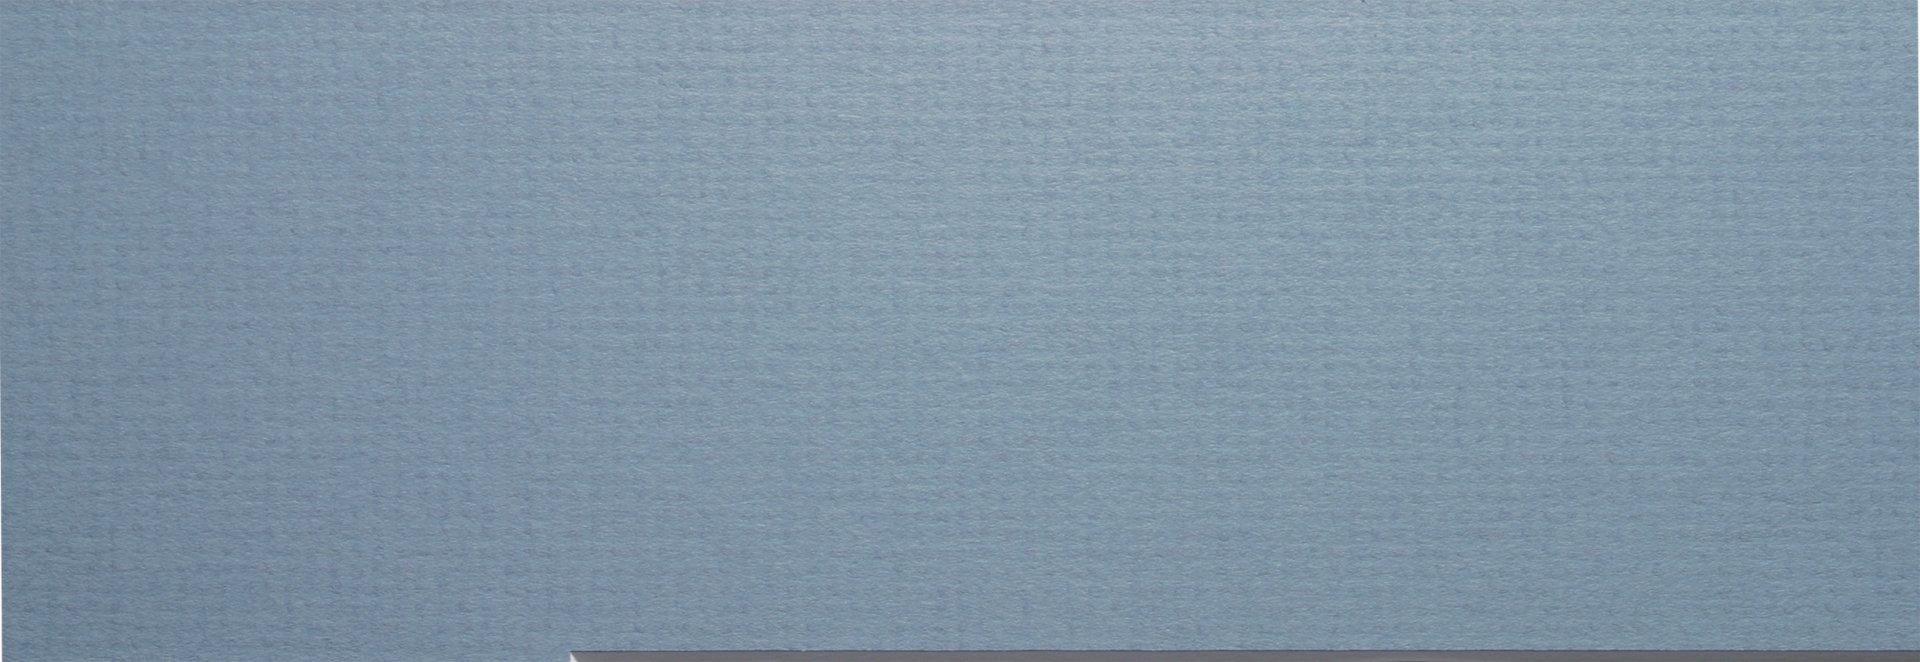 GSRM 1073 Biscay Blue